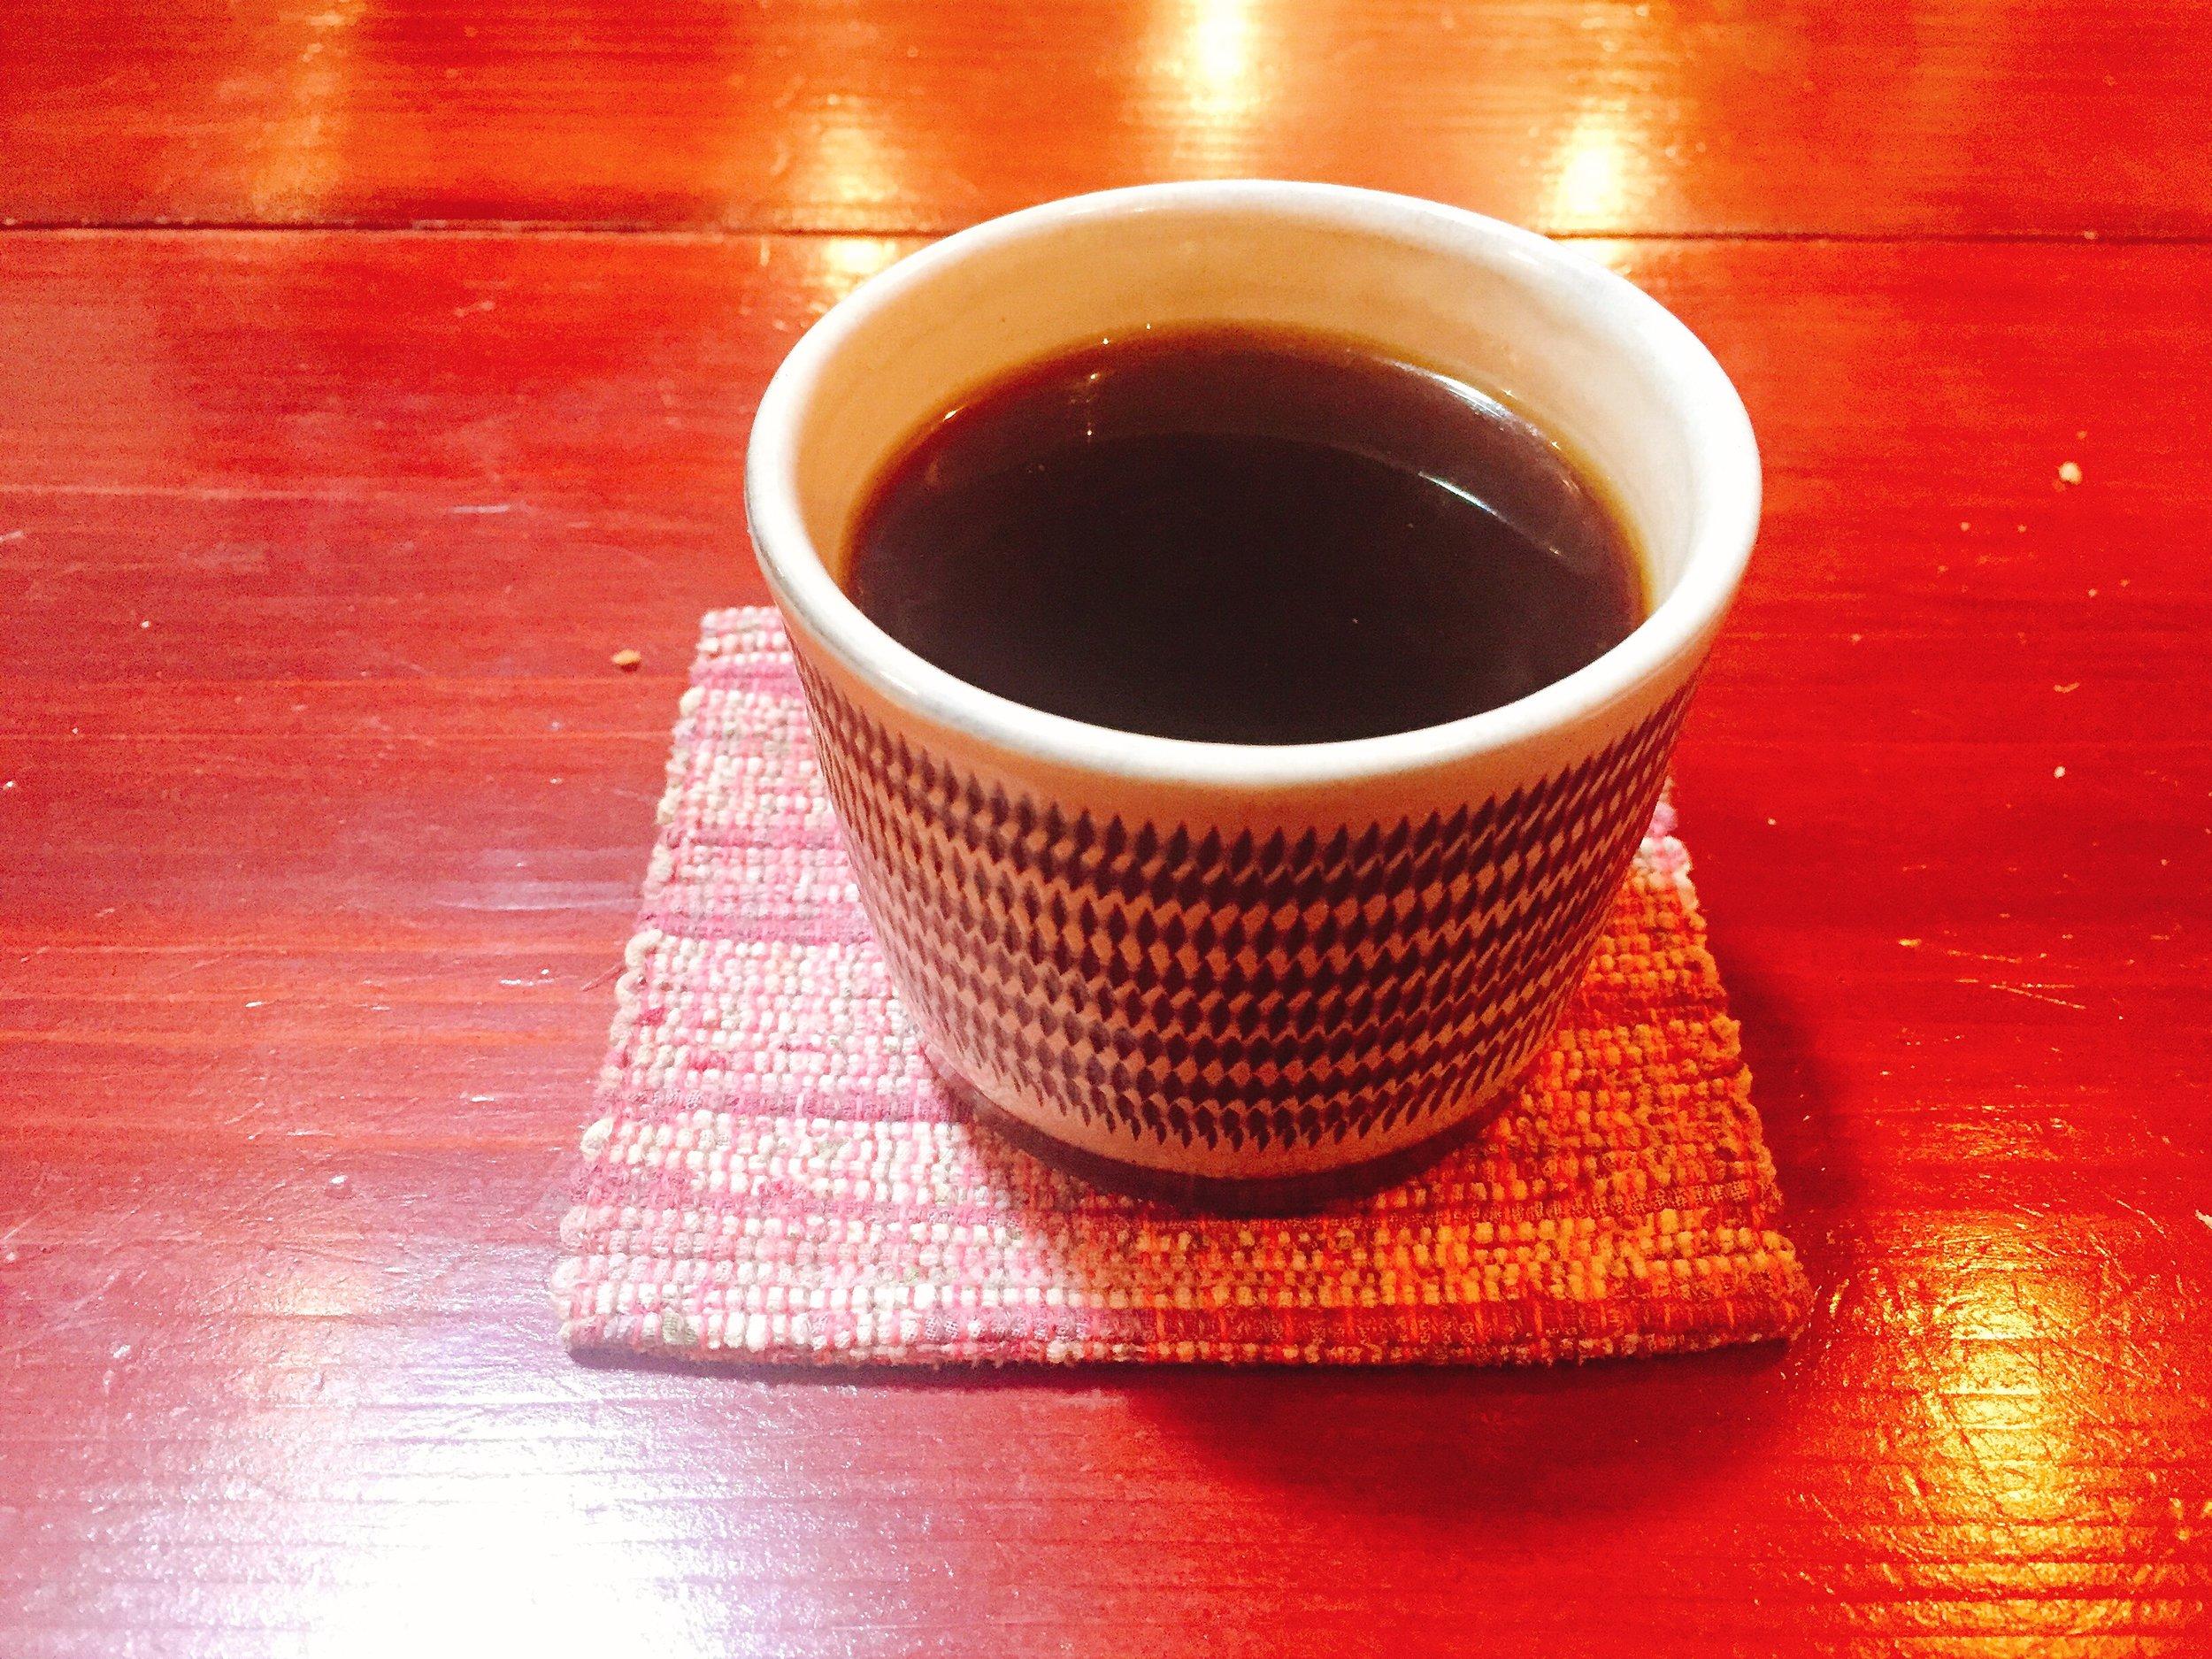 デザートと相性抜群の「深浦コーヒー」